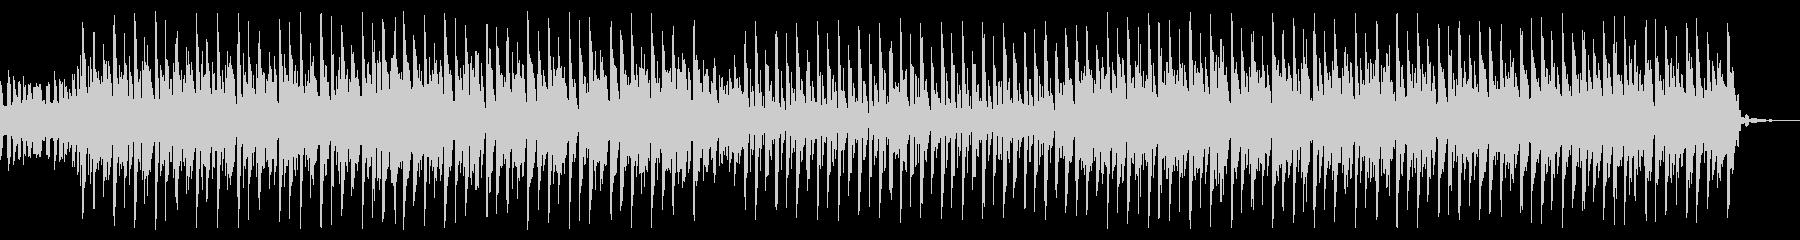 明るいテクノサウンドの未再生の波形